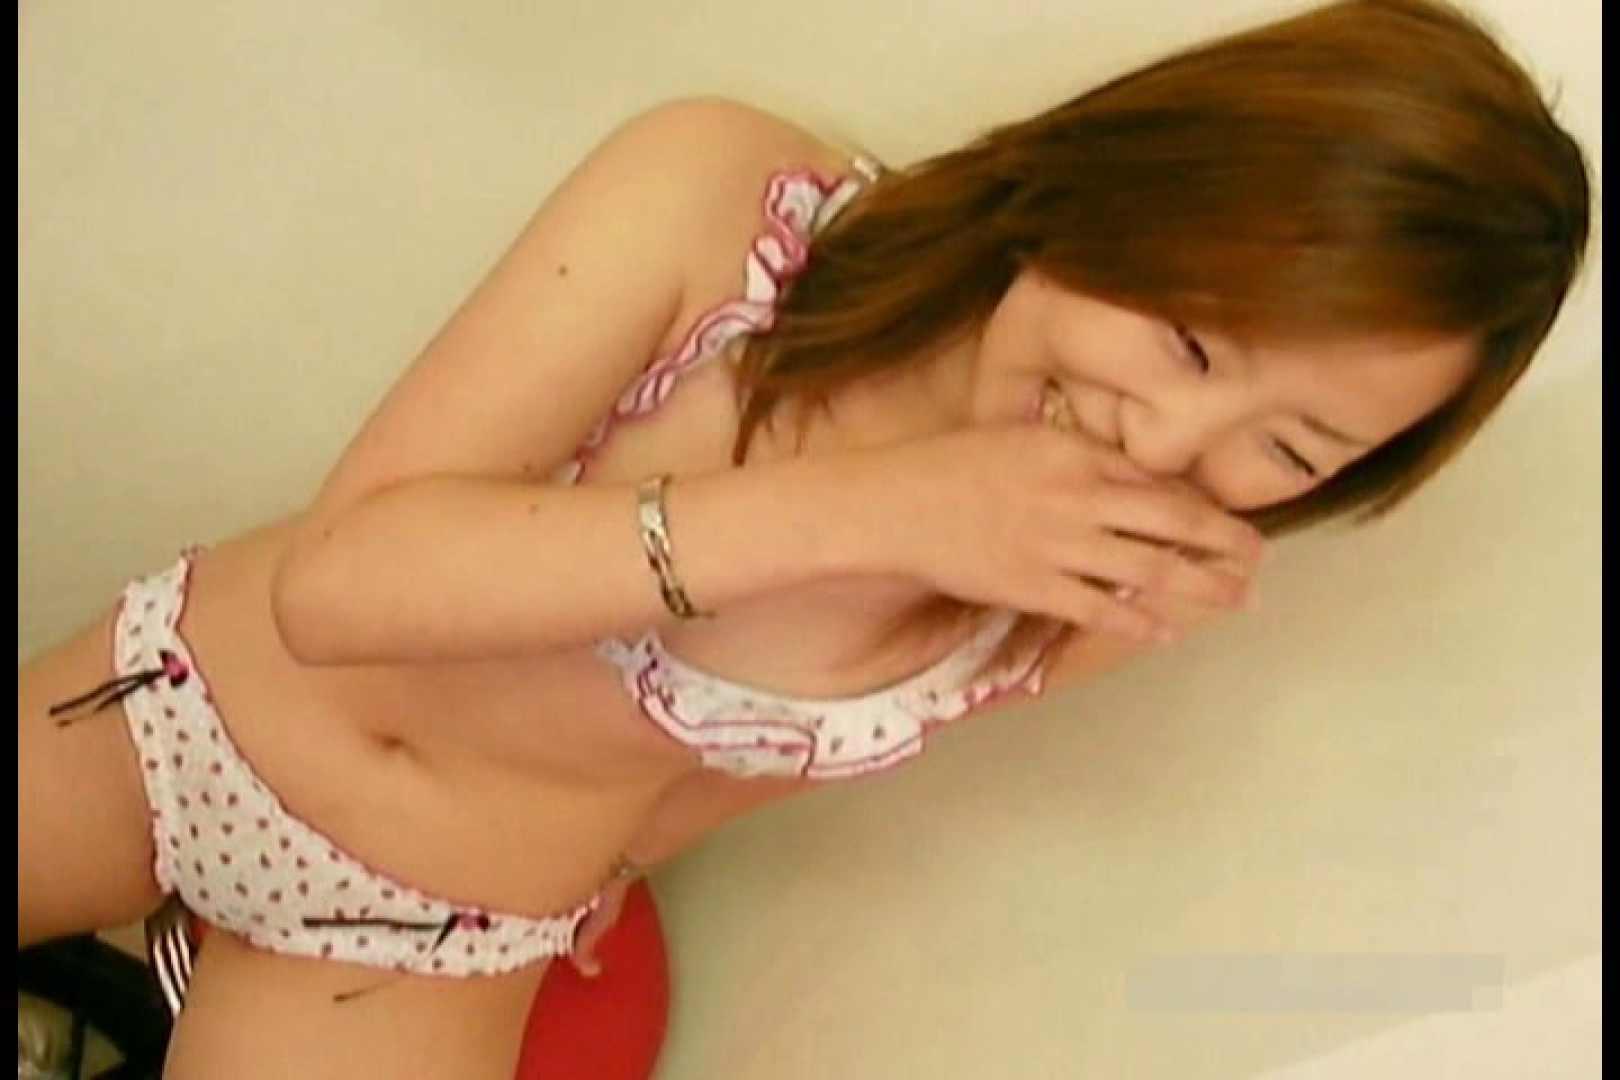 素人撮影 下着だけの撮影のはずが・・・愛22歳 独占盗撮 ヌード画像 89連発 30